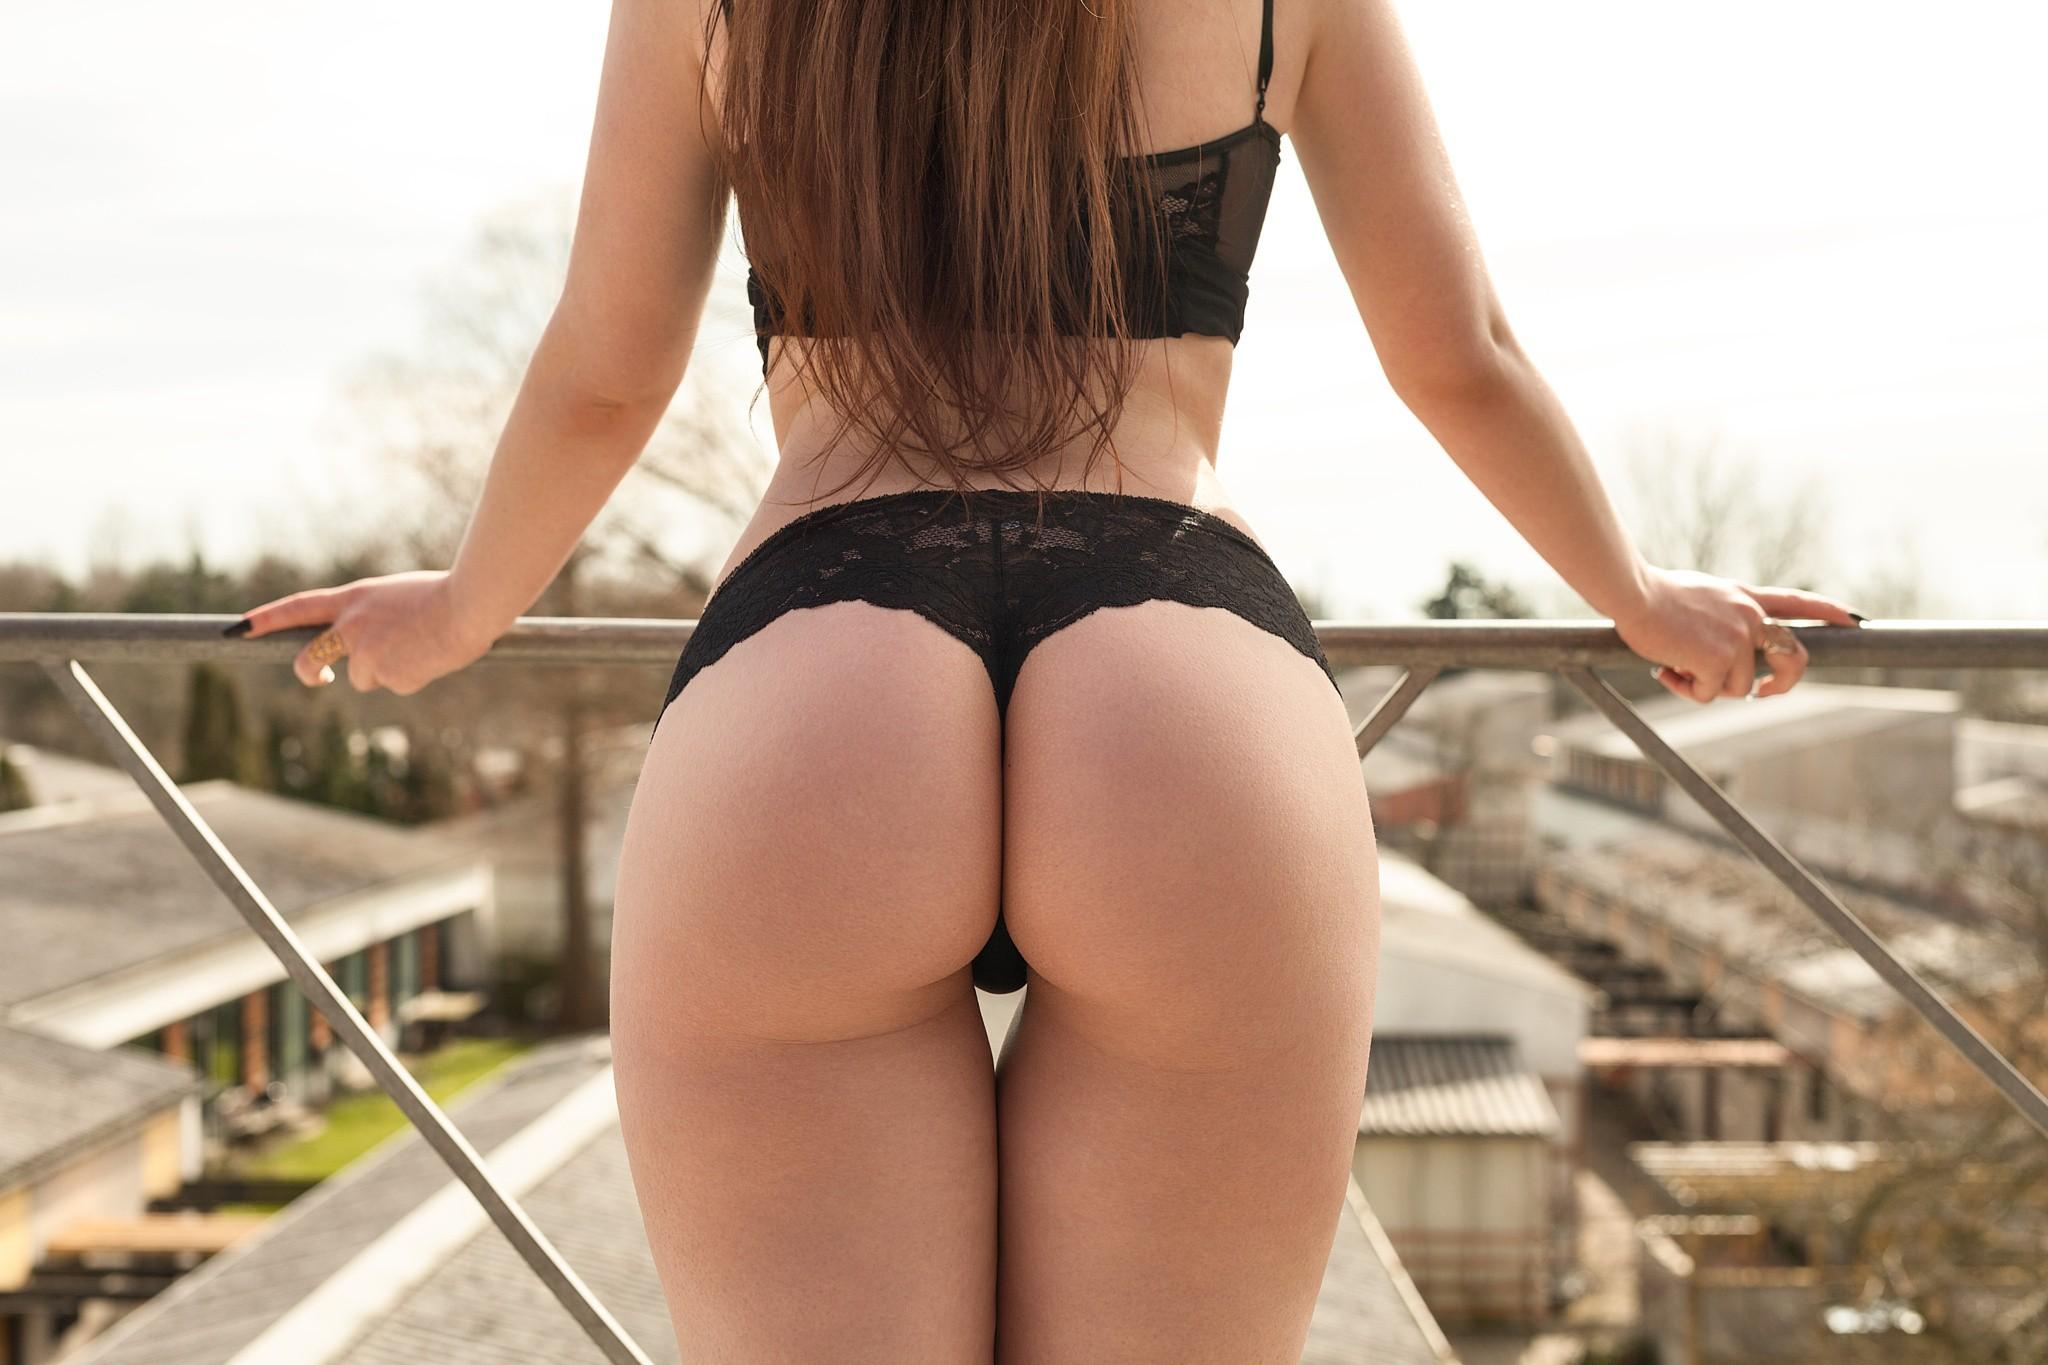 Area naked woman sexy ass butt ass butt hot butt f women's premium hoodie